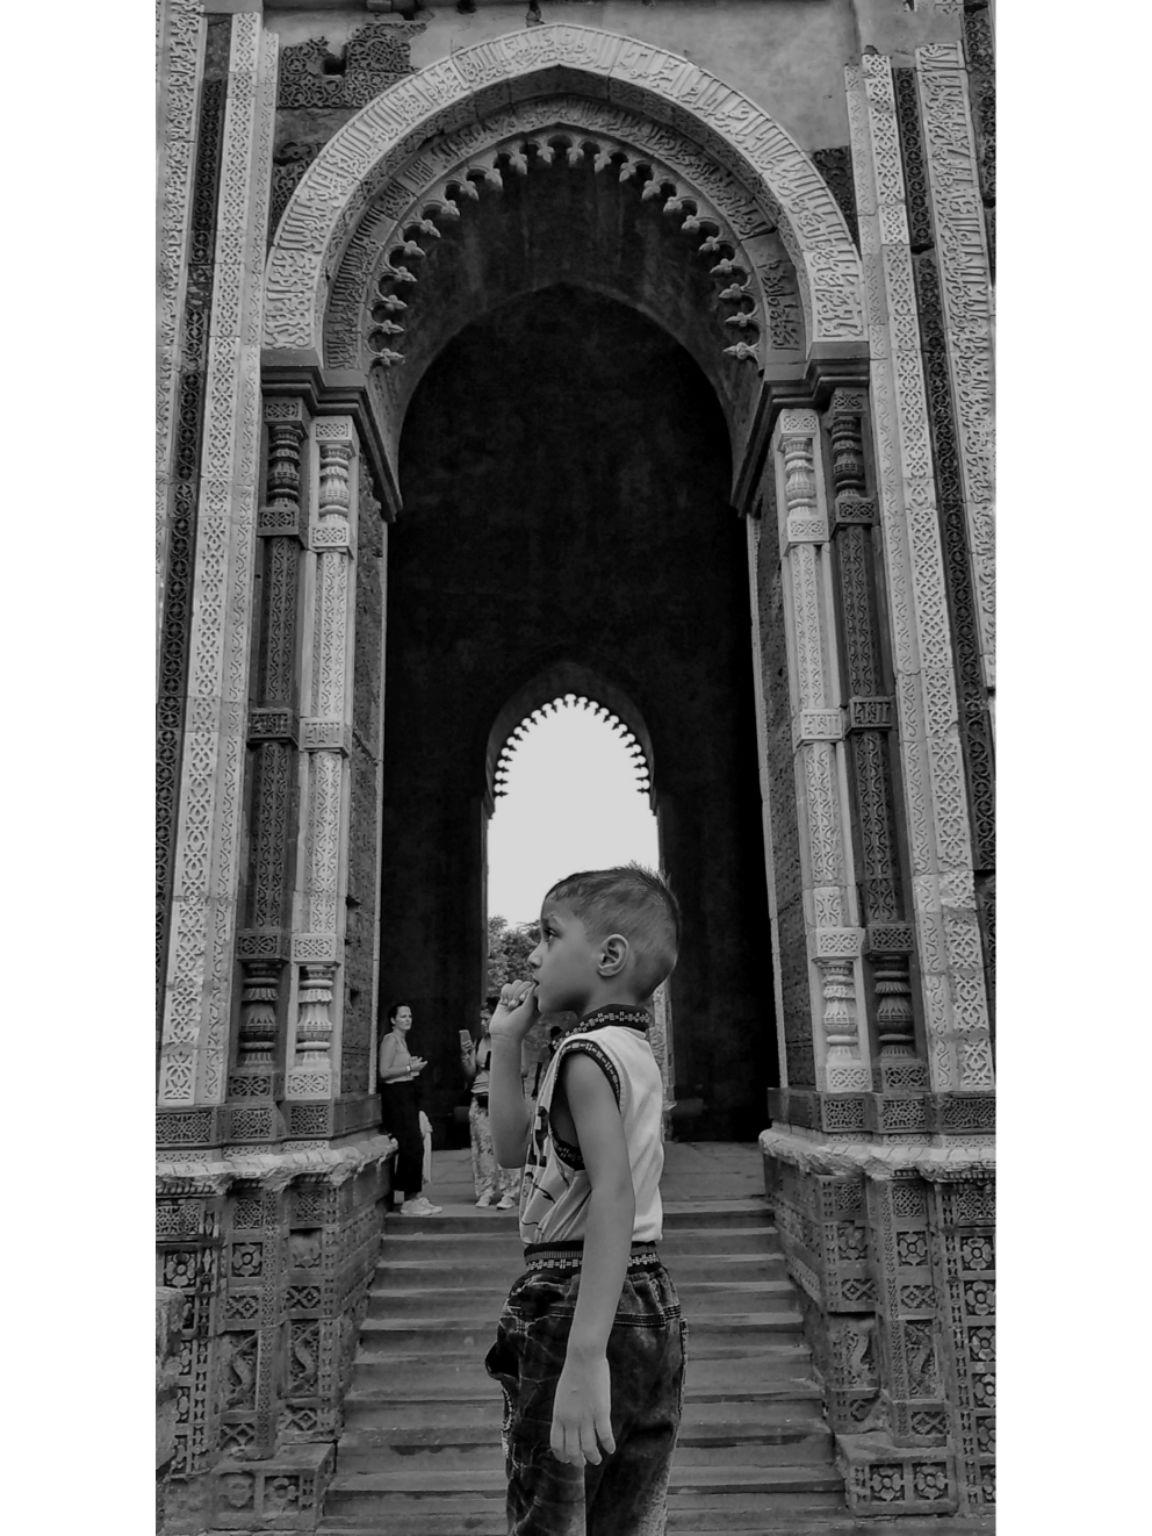 Photo of Qutub Minar By Pooja Yadav